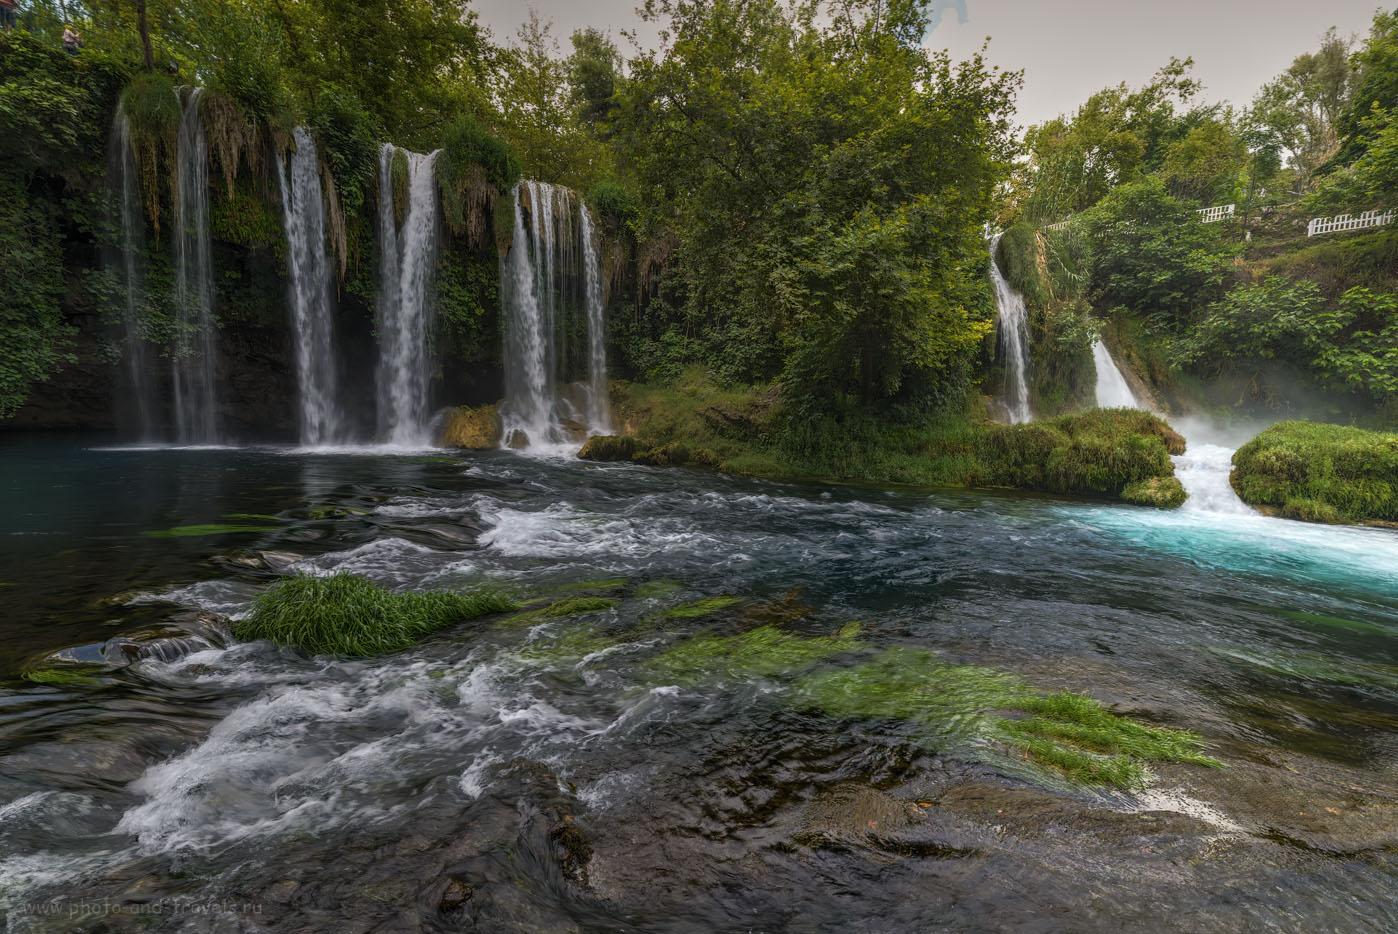 Фото 13. Водопад Верхний Дюден в Анталии. Отзывы туристов о самостоятельном отдыхе в Турции в мае 2016 года. HDR из 3-х кадров. Объектив Samayng 14mm f/2.8. Снято с рук, без использования штатива Sirui T-2204X.